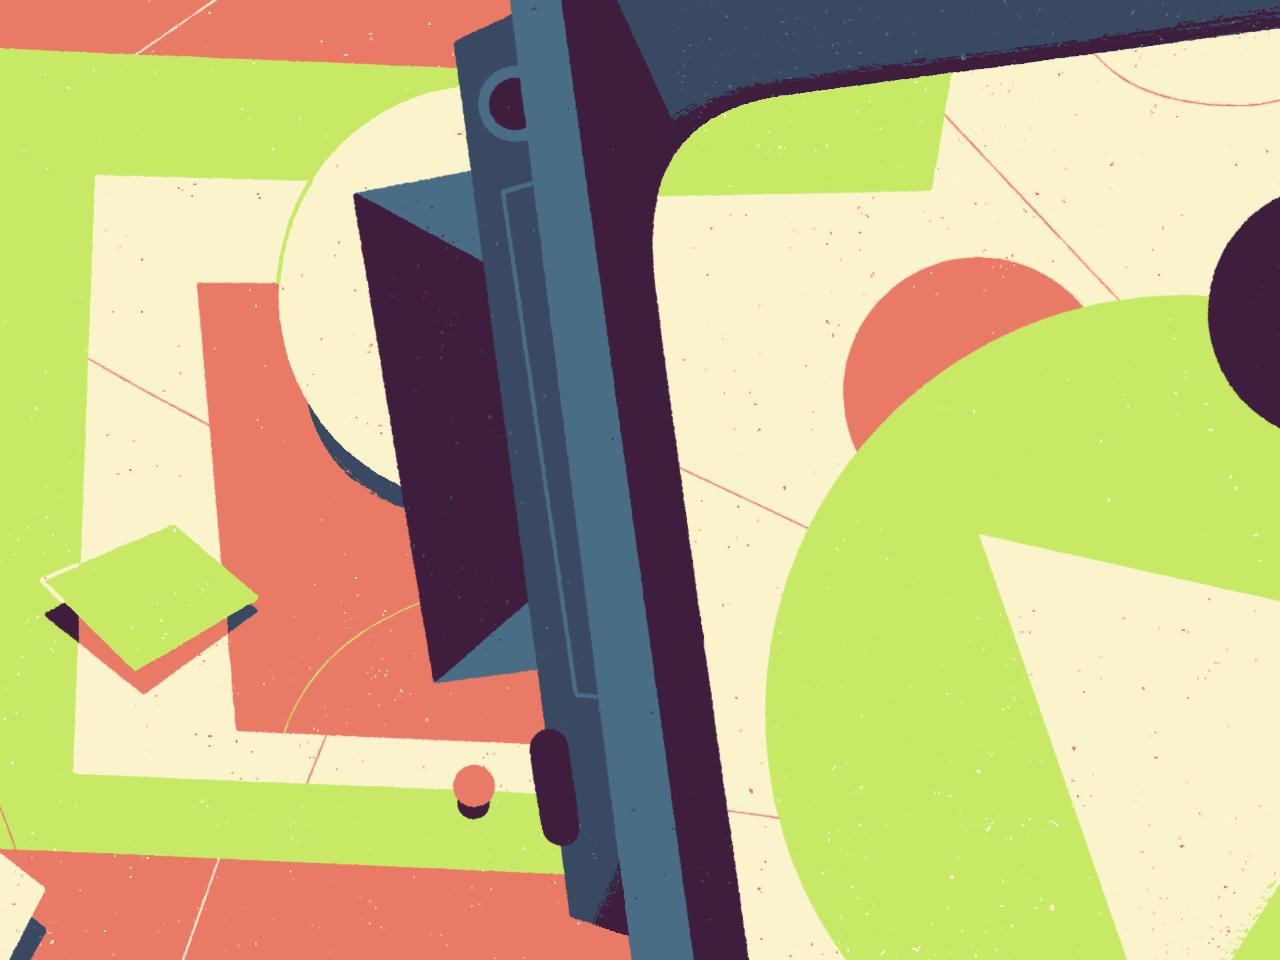 Moovies editorial illustration illustration